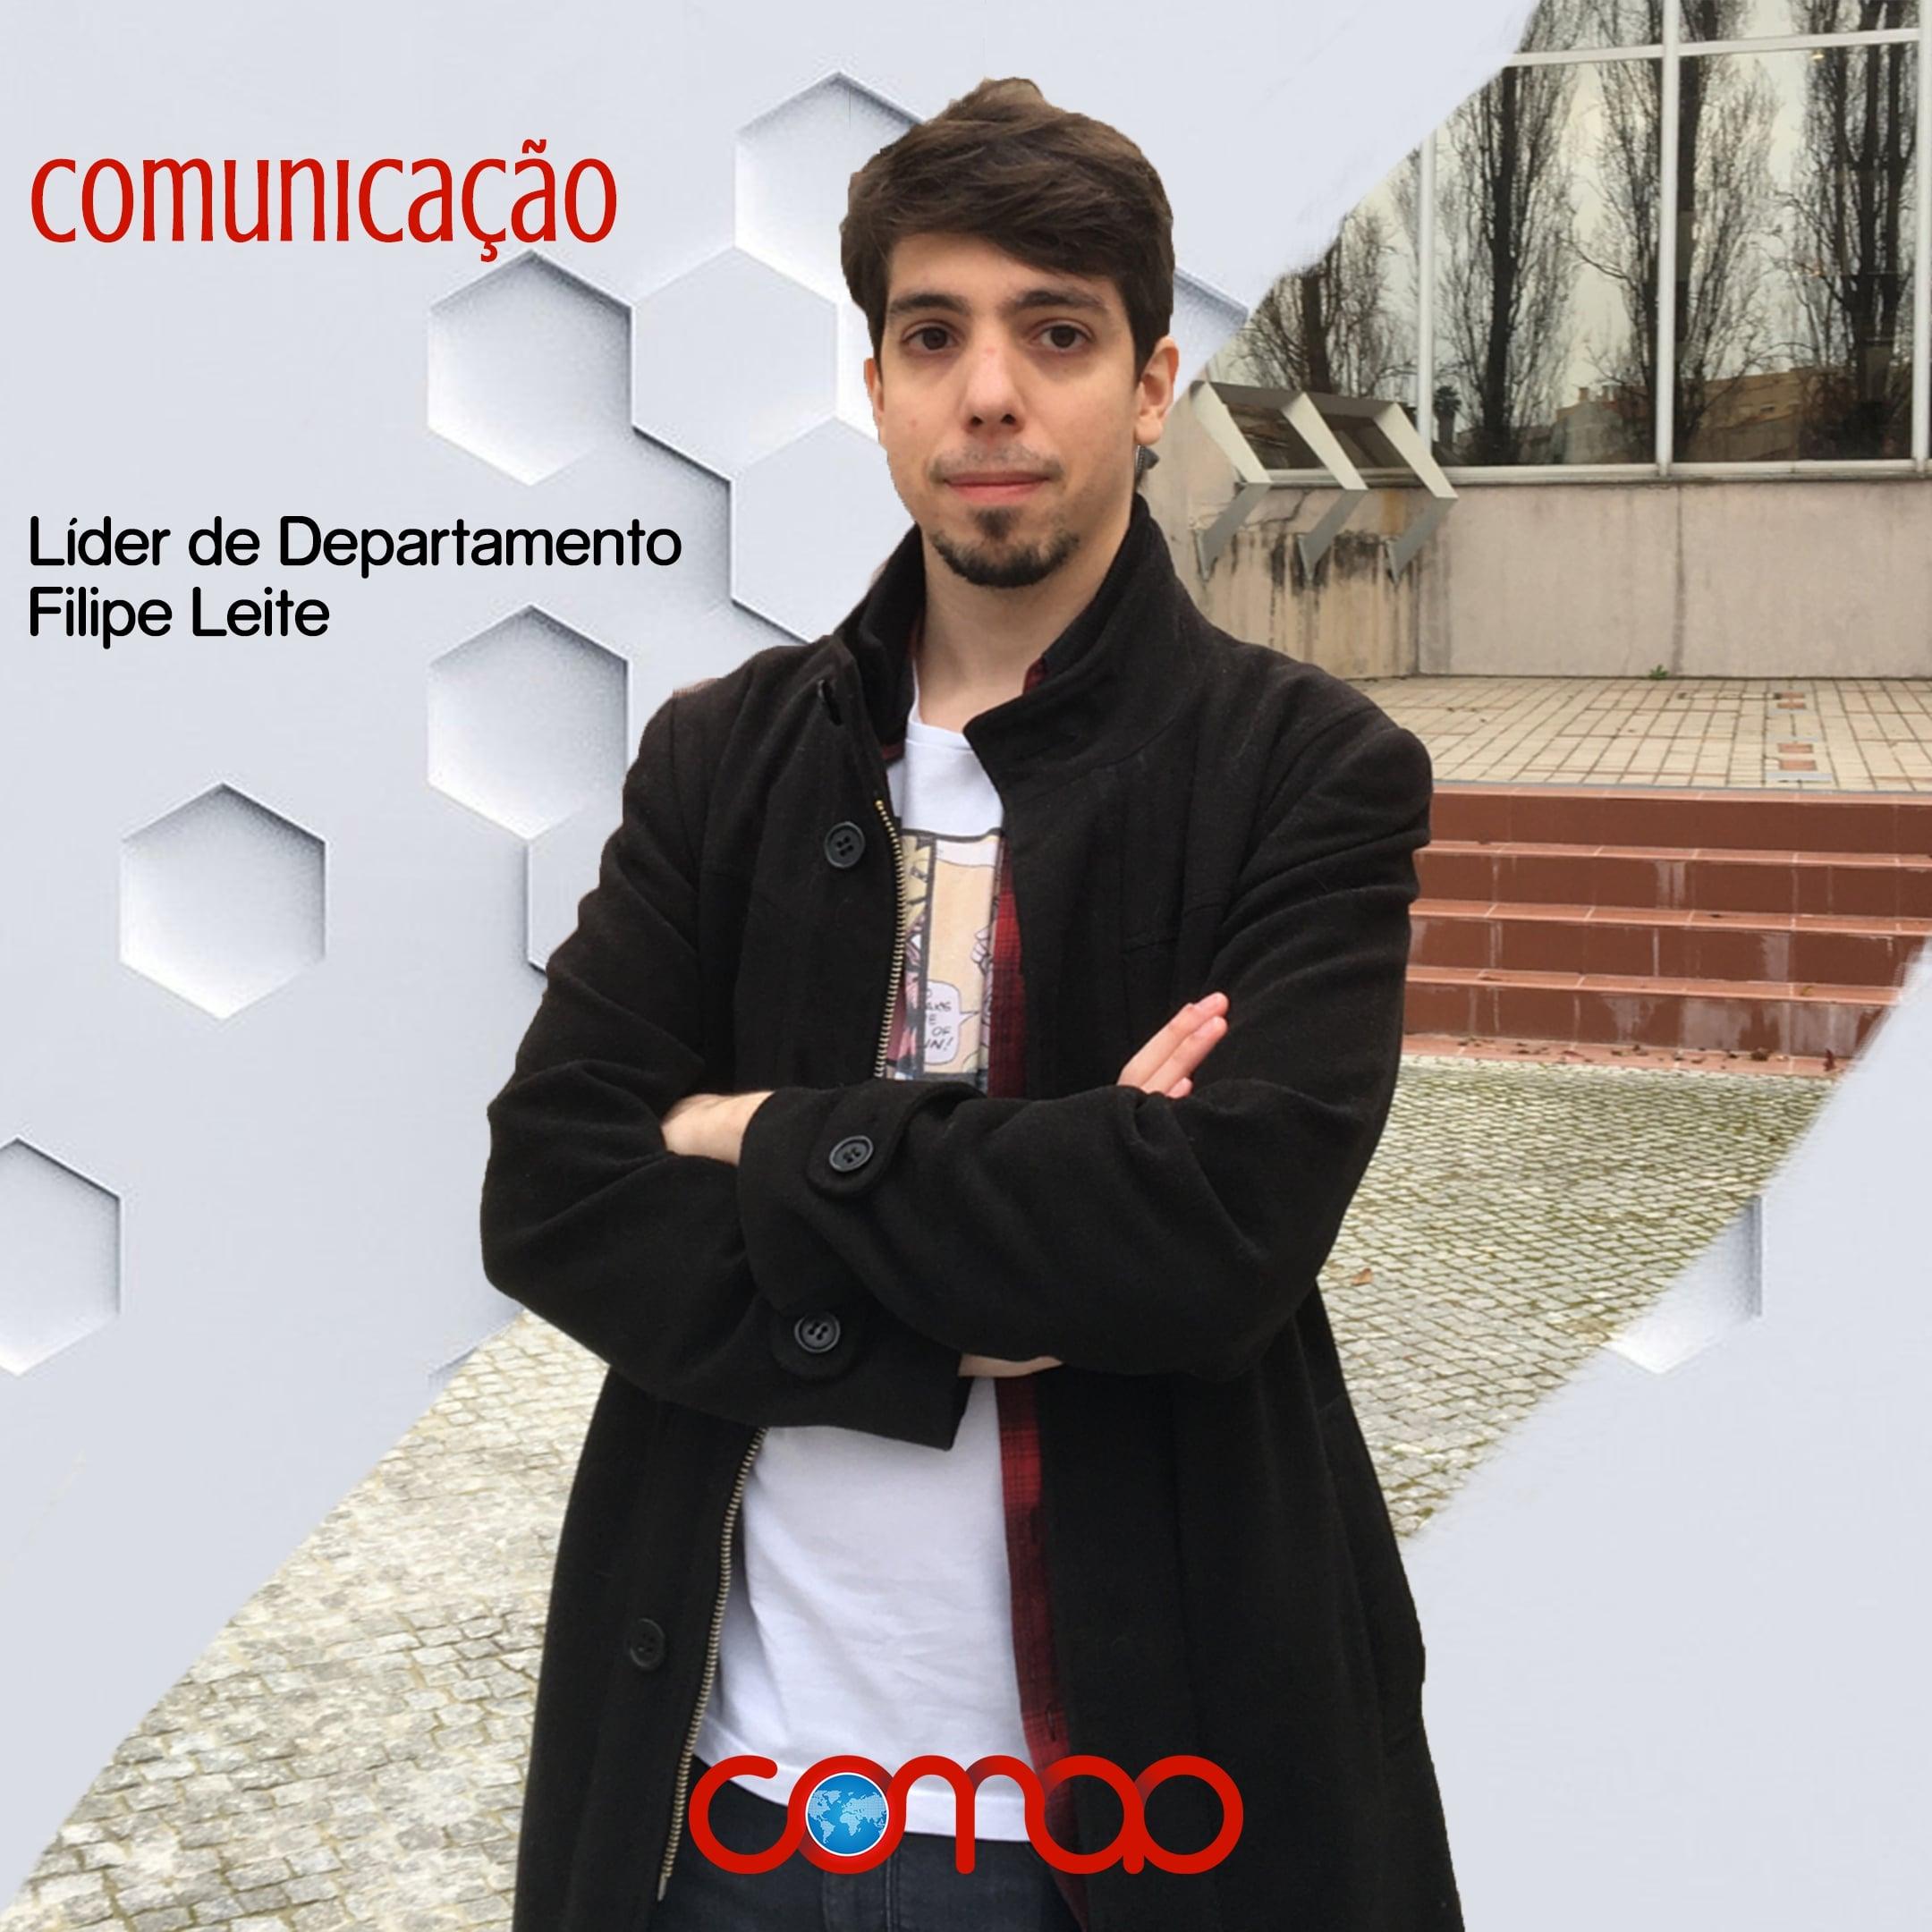 Filipe Leite